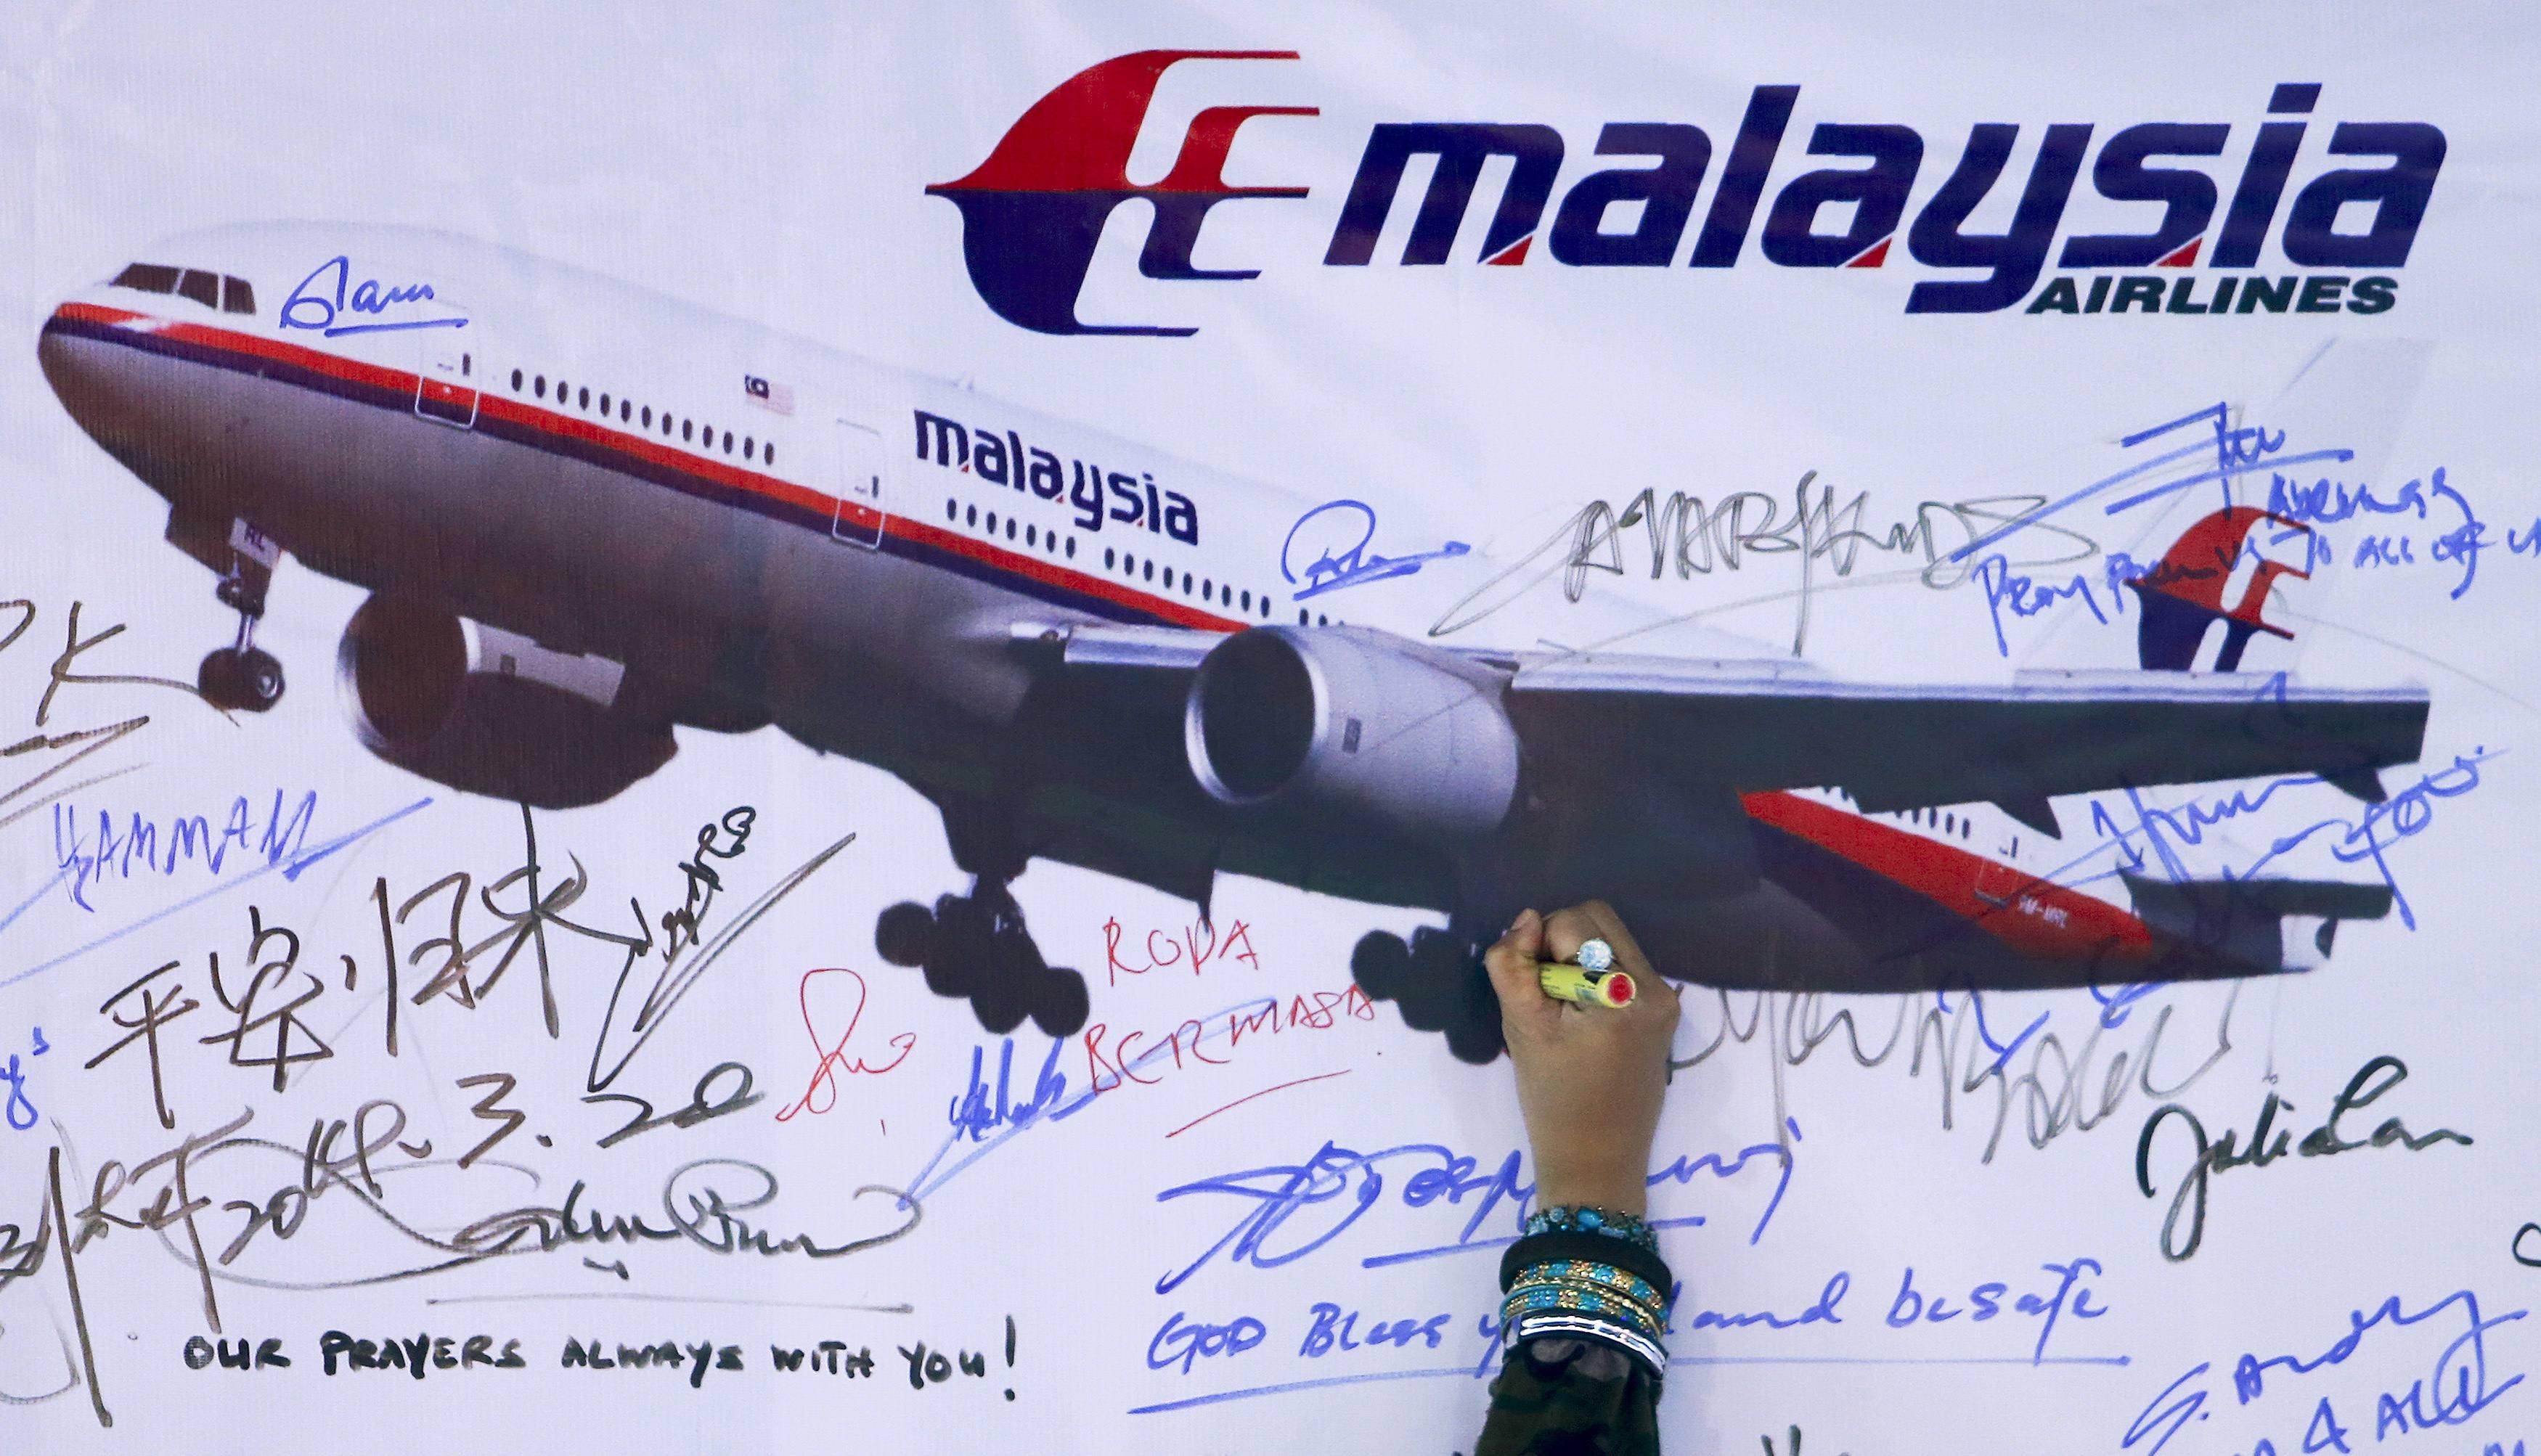 Phát hiện mảnh vỡ và thi thể nghi của MH370 tại Philippines 3